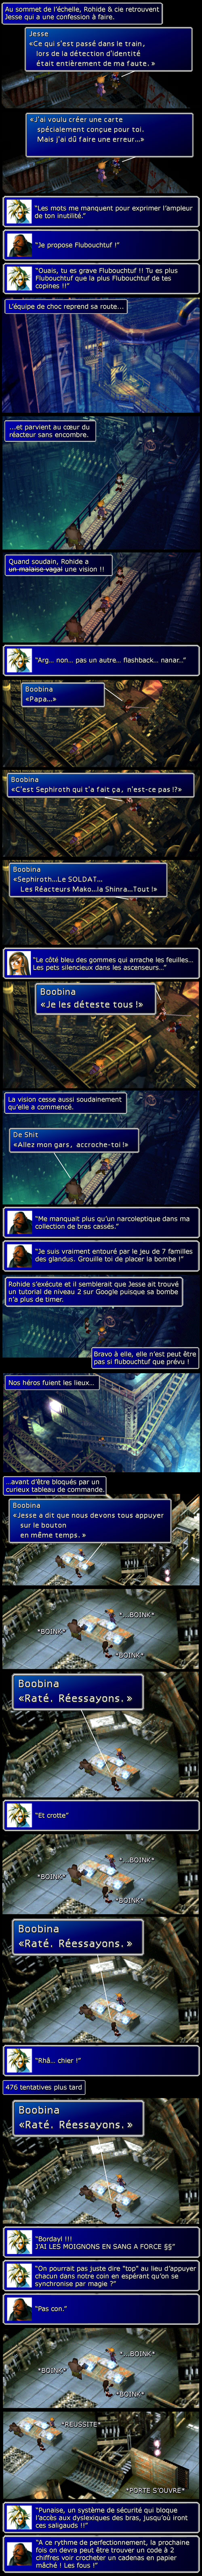 Final fantasy 7 : Mise en place de la bombe, Flashback troublant et système de sécurité par synchronisation des bras